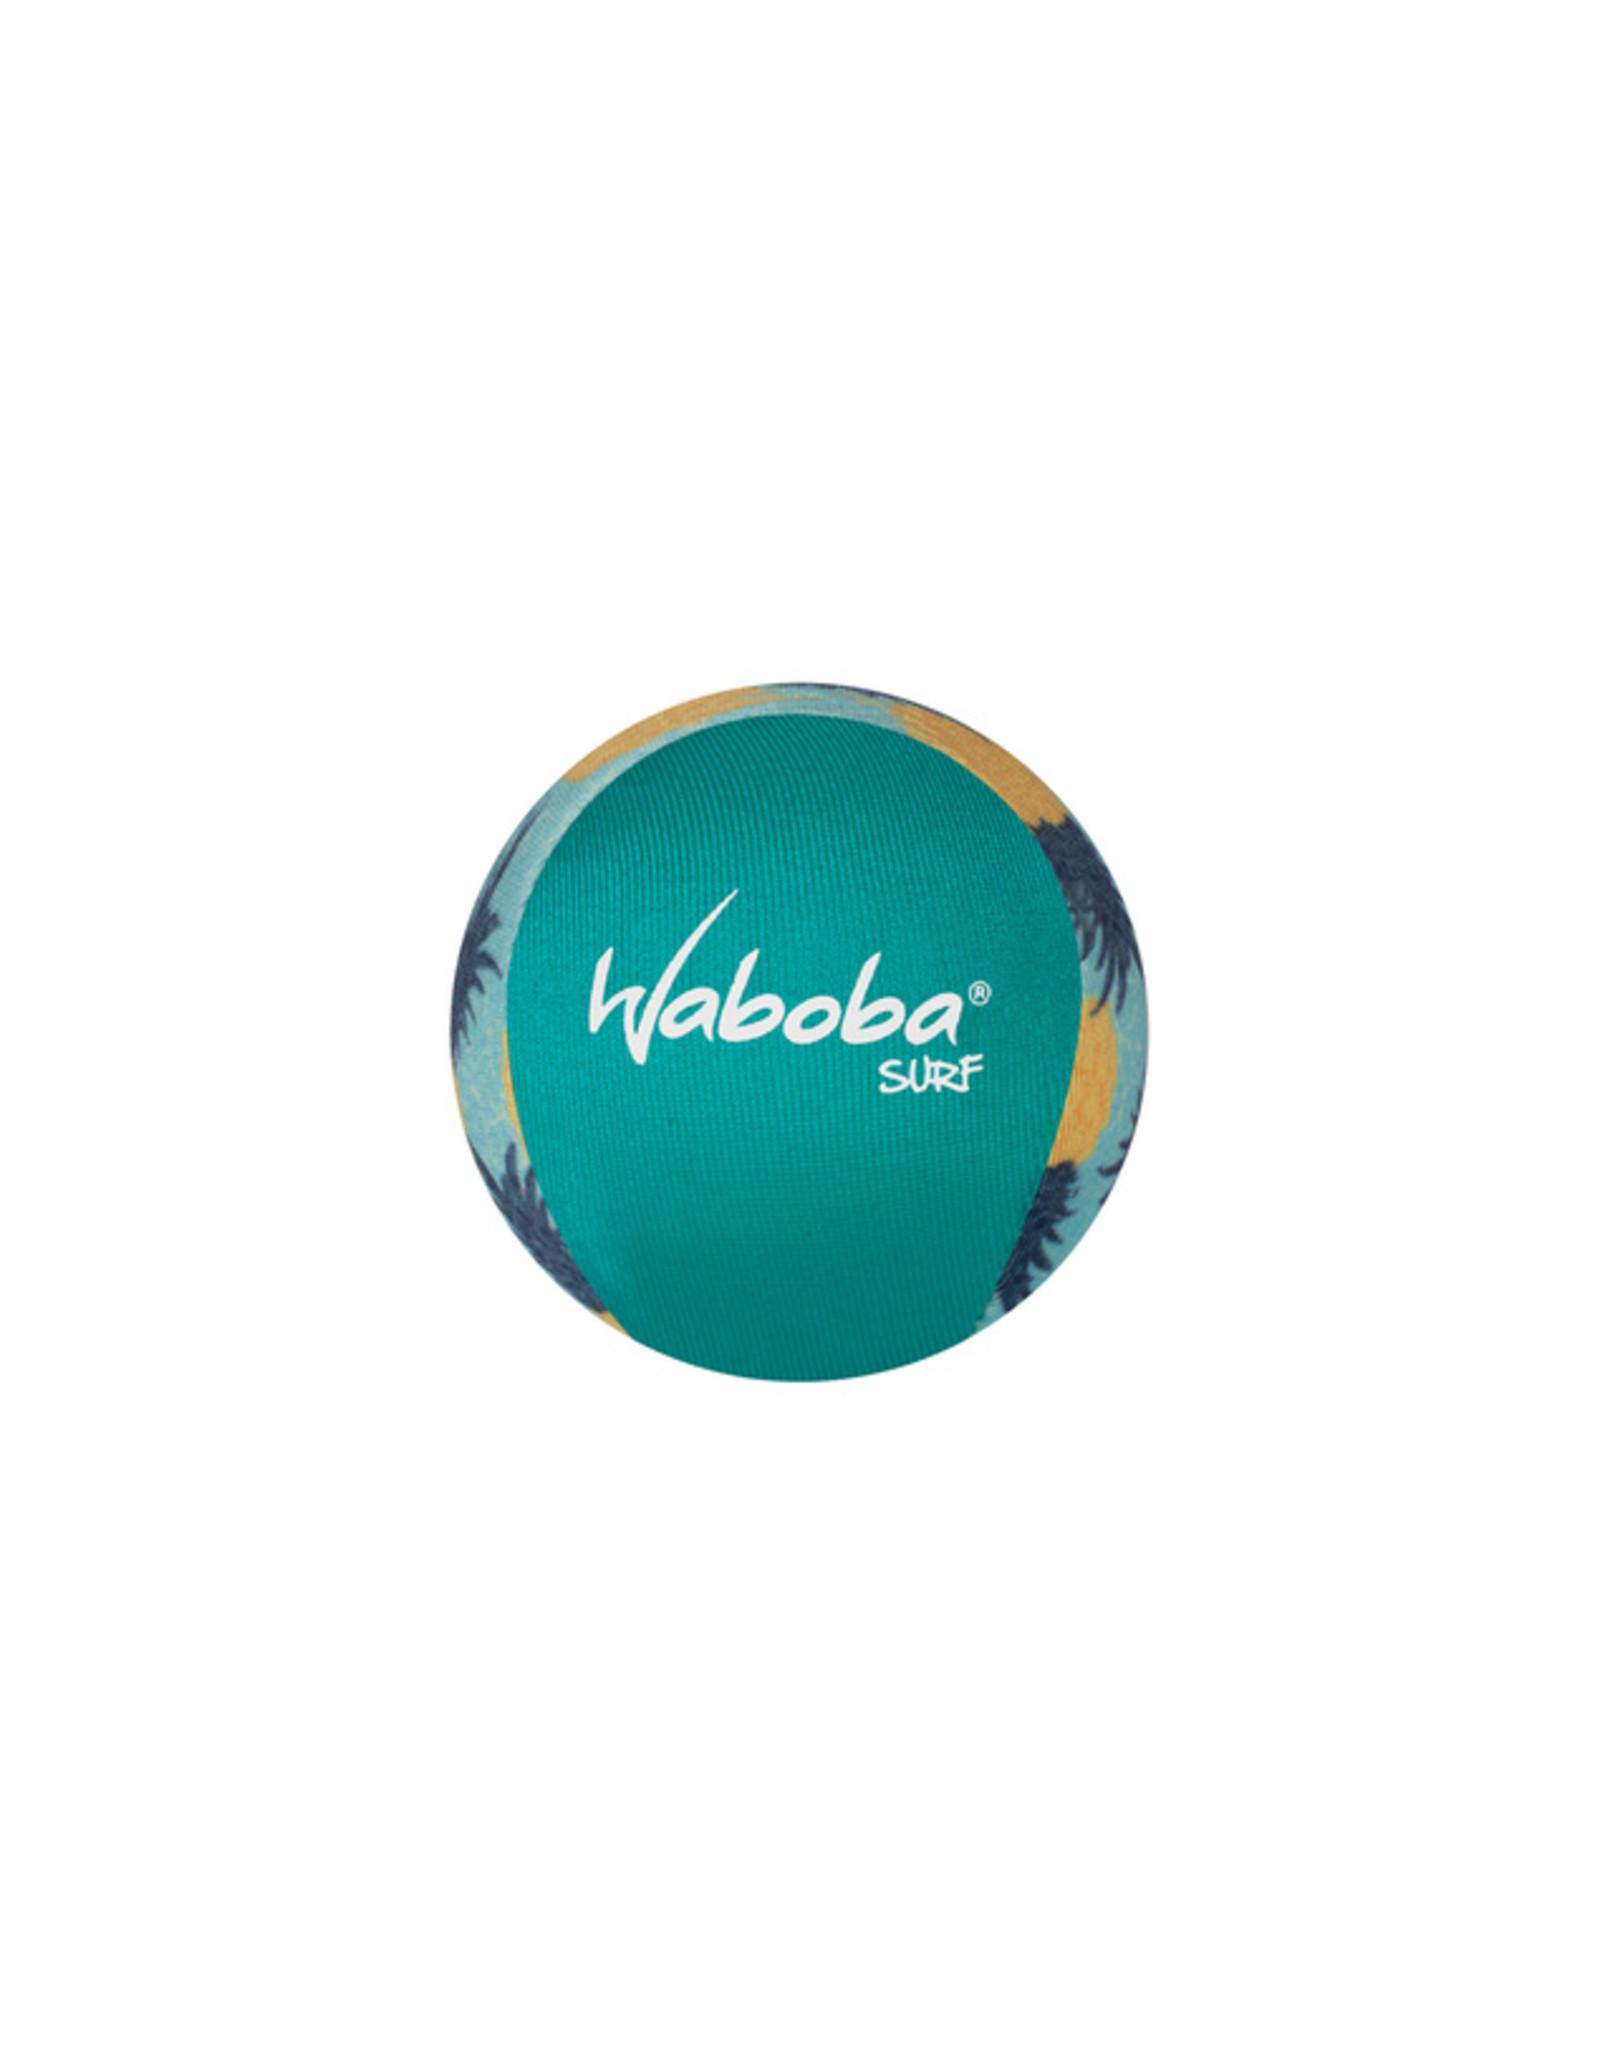 Waboba Surf Ball-Boxed